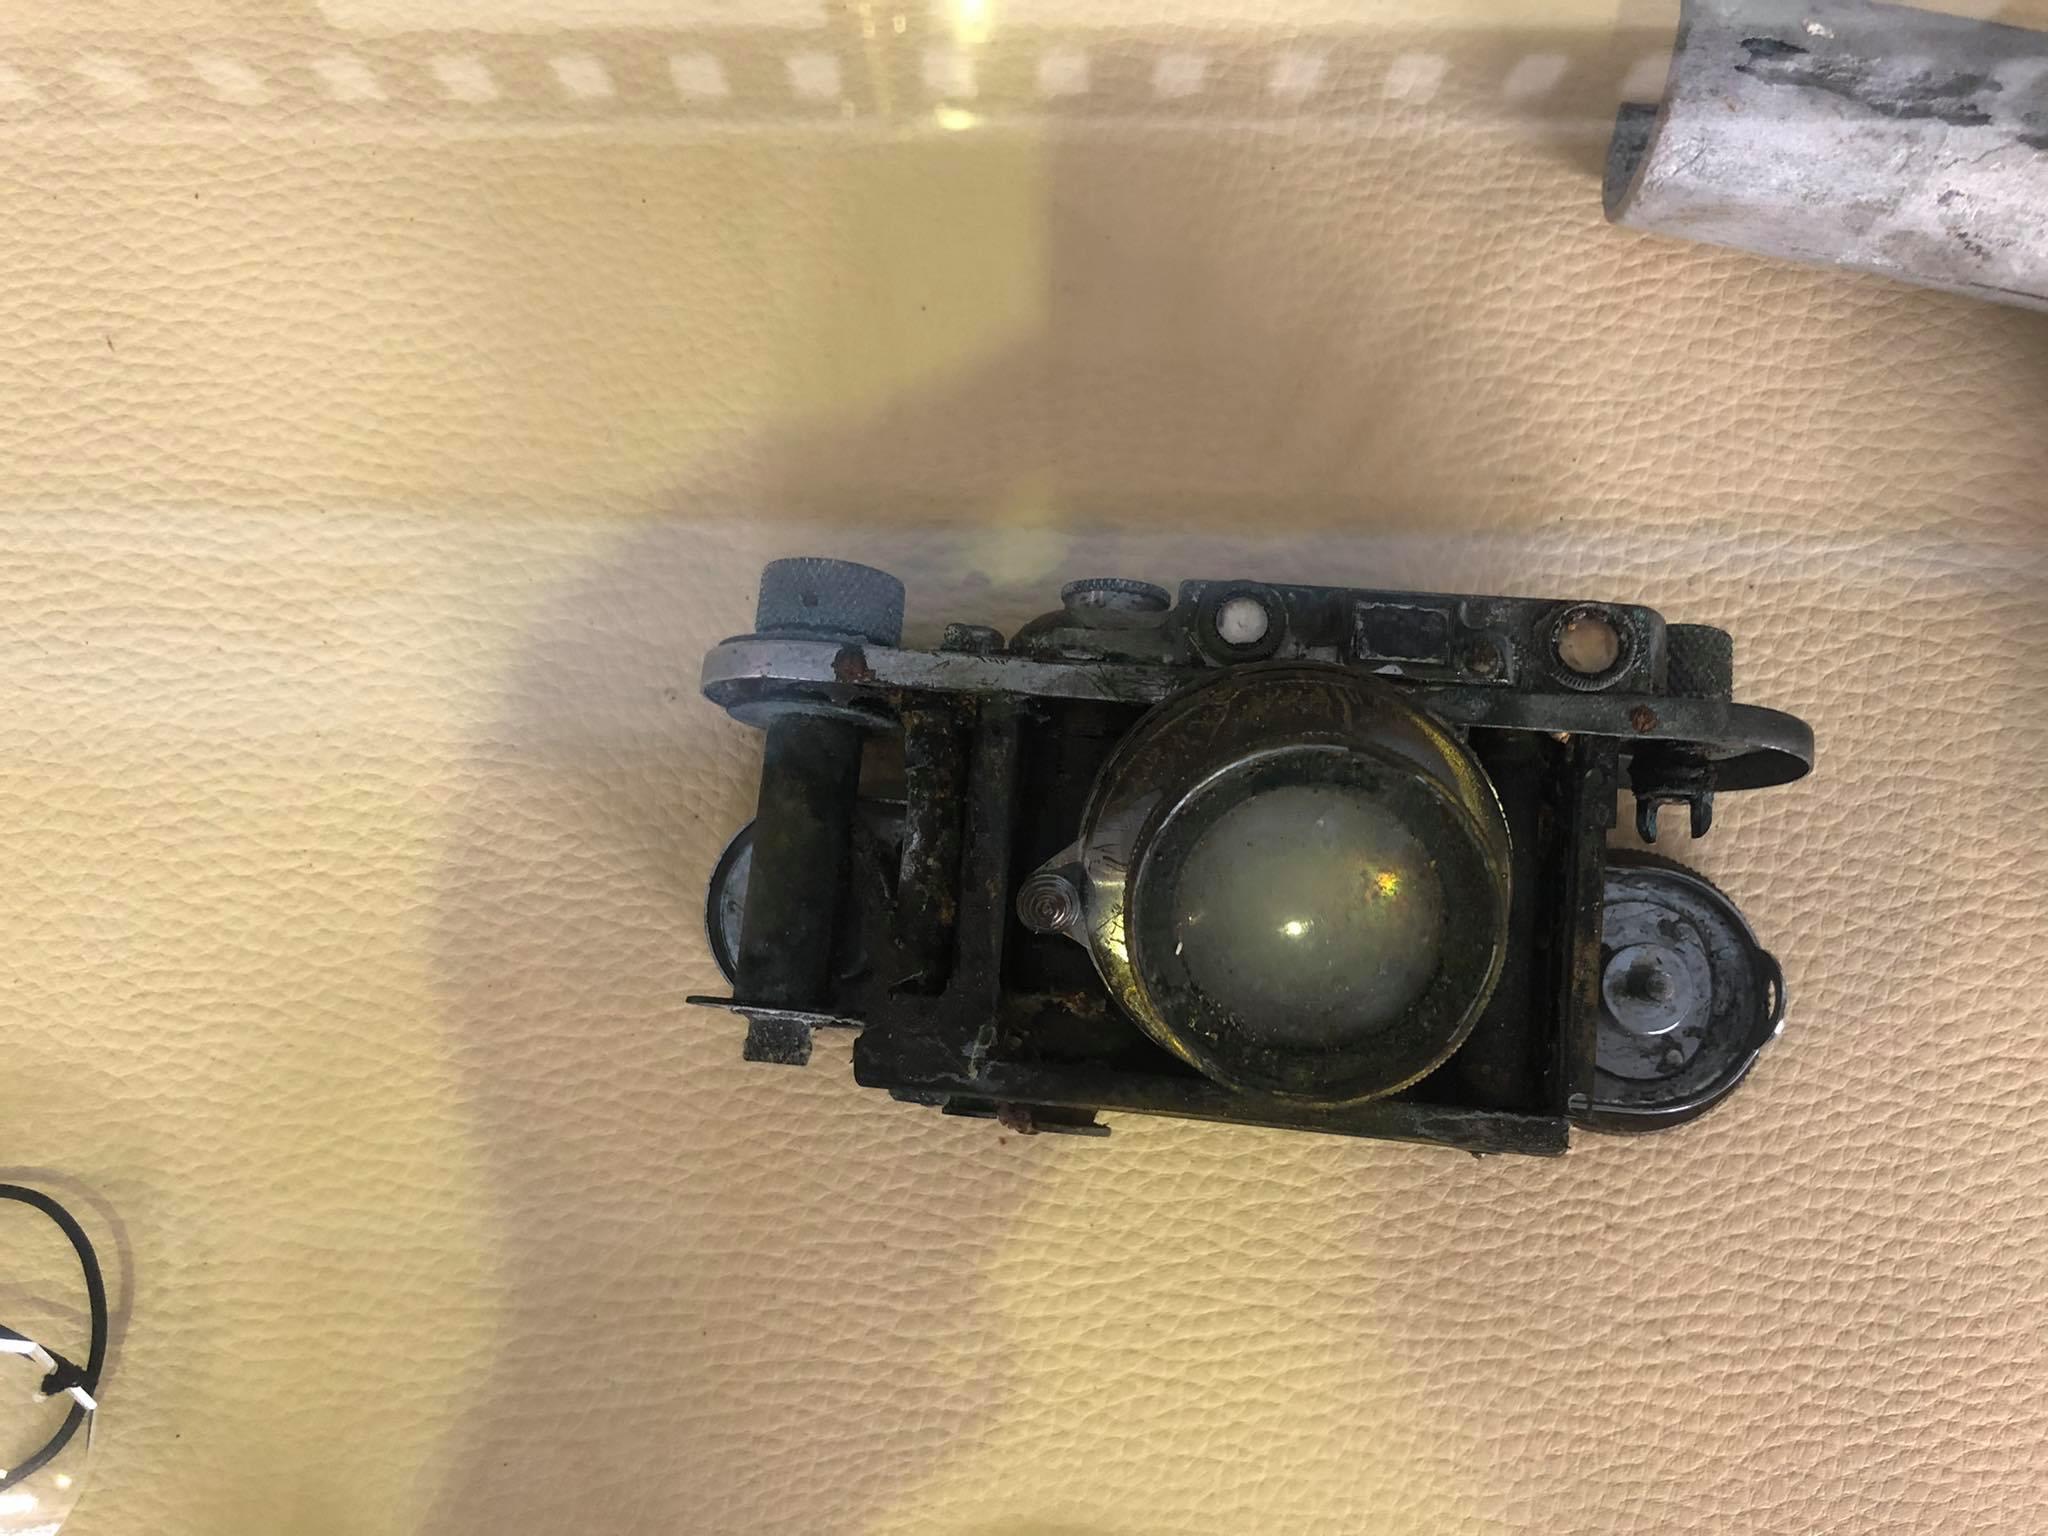 Camera found inside the Ju52